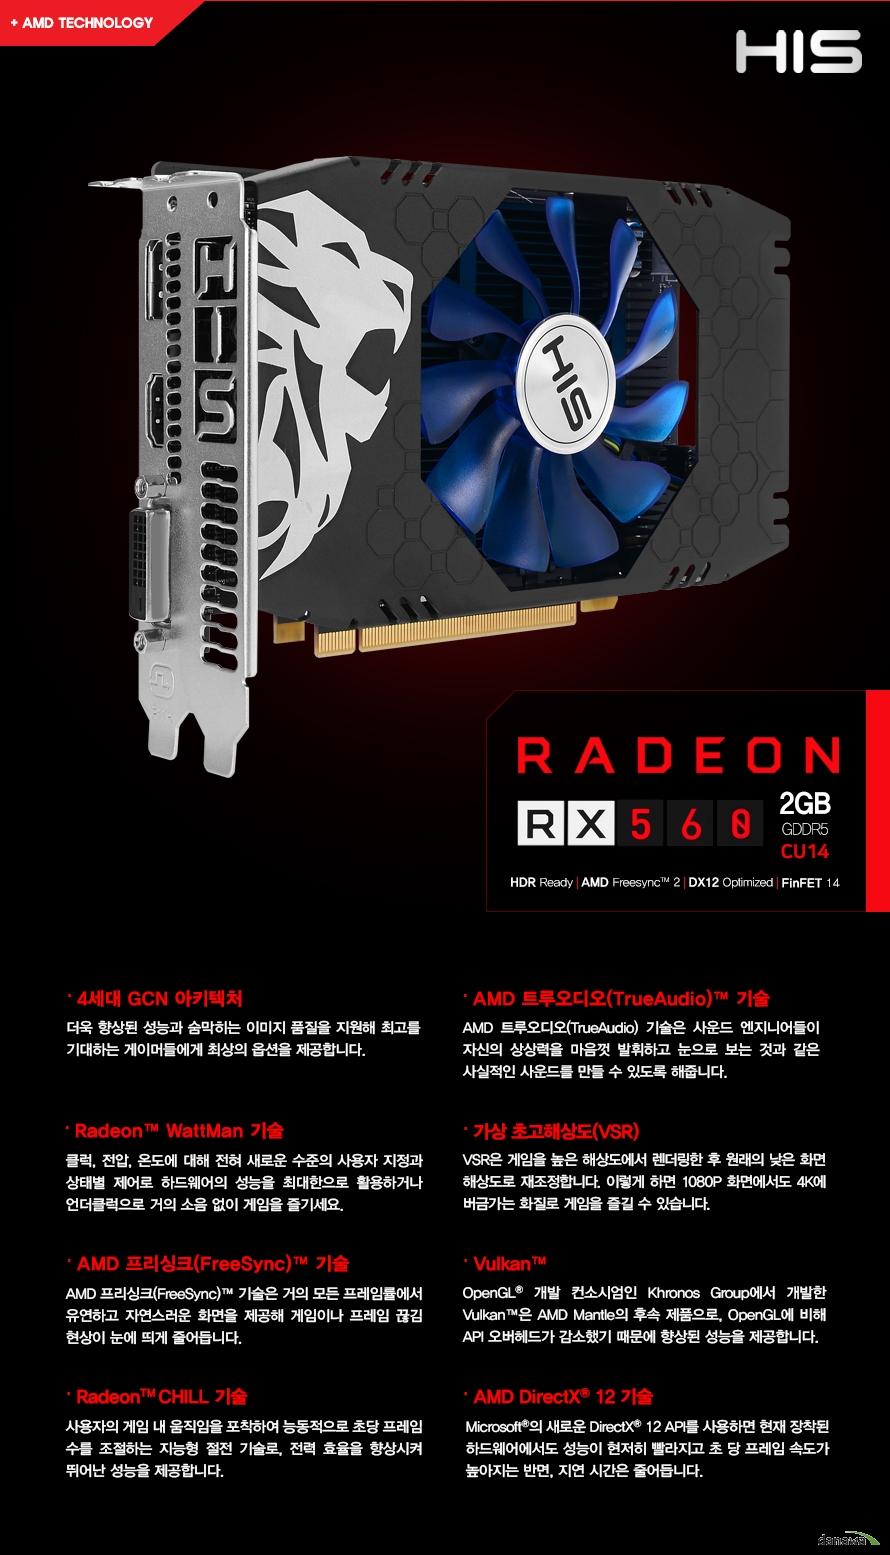 라데온 RX 560 2GB GDDR5    HDR 레디    AMD 프리싱크 2    다이렉트 X 12 최적화    FINFET 14        4세대 GCN 아키텍처        더욱 향상된 성능과 숨막히는 이미지 품질을 지원해 최고를 기대하는    게이머들에게 최상의 옵션을 제공합니다        라데온 WATTMAN 기술        클럭, 전압,온도에 대해 전혀 새로운 수준의 사용자 지정과     상태별 제어로 하드웨어의 성능을 최대한으로 활용하거나    언더클럭으로 거의 소음 없이 게임을 즐기세요        AMD 프리싱크 2 기술        AMD 프리싱크 기술은 거의 모든 프레임툴에서 유연하고 자연스러운    화면을 제공해 게임이나 프레임 끊김 현상이 눈에 띄게 줄어듭니다        라데온 CHILL 기술        사용자의 게임 내 움직임을 포착하여 능동적으로 초당 프레임 수를    조절하는 지능형 절전 기술로 전력 효율을 항샹 시켜 뛰어난 성능을 제공합니다        AMD 트루오디오 기술        AMD 트루 오디오 기술은 사운드 엔지니어들이 자신의 상상력을 마음껏 발휘하고    눈으로 보는 것과 같은 사실적인 사운드를 만들 수 있도록 해줍니다        가상 초고해상도        VSR은 게임을 높은 해상도에서 렌더링한 후 원래의 낮은 화면 해상도로 재조정합니다    이렇게 하면 1080P 화면에서도 4K에 버금가는 화질로 게임을 즐길 수 있습니다            벌칸        OPENGL 개발 컨소시엄인 KHRONOS GROUP에서 개발한 벌칸은 AMD MANTLE의 후속 제품으로    OPENGL에 비해 API 오버헤드가 감소했기 때문에 향상된 성능을 제공합니다        AMD 다이렉트X 12 기술        마이크로소프트의 새로운 다이렉트 X 12 API를 사용하면 현재 장착된 하드웨어에서도    성능이 현저히 빨라지고 초당 프레임 속도가 높아지는 반면 지연 시간은 줄어듭니다